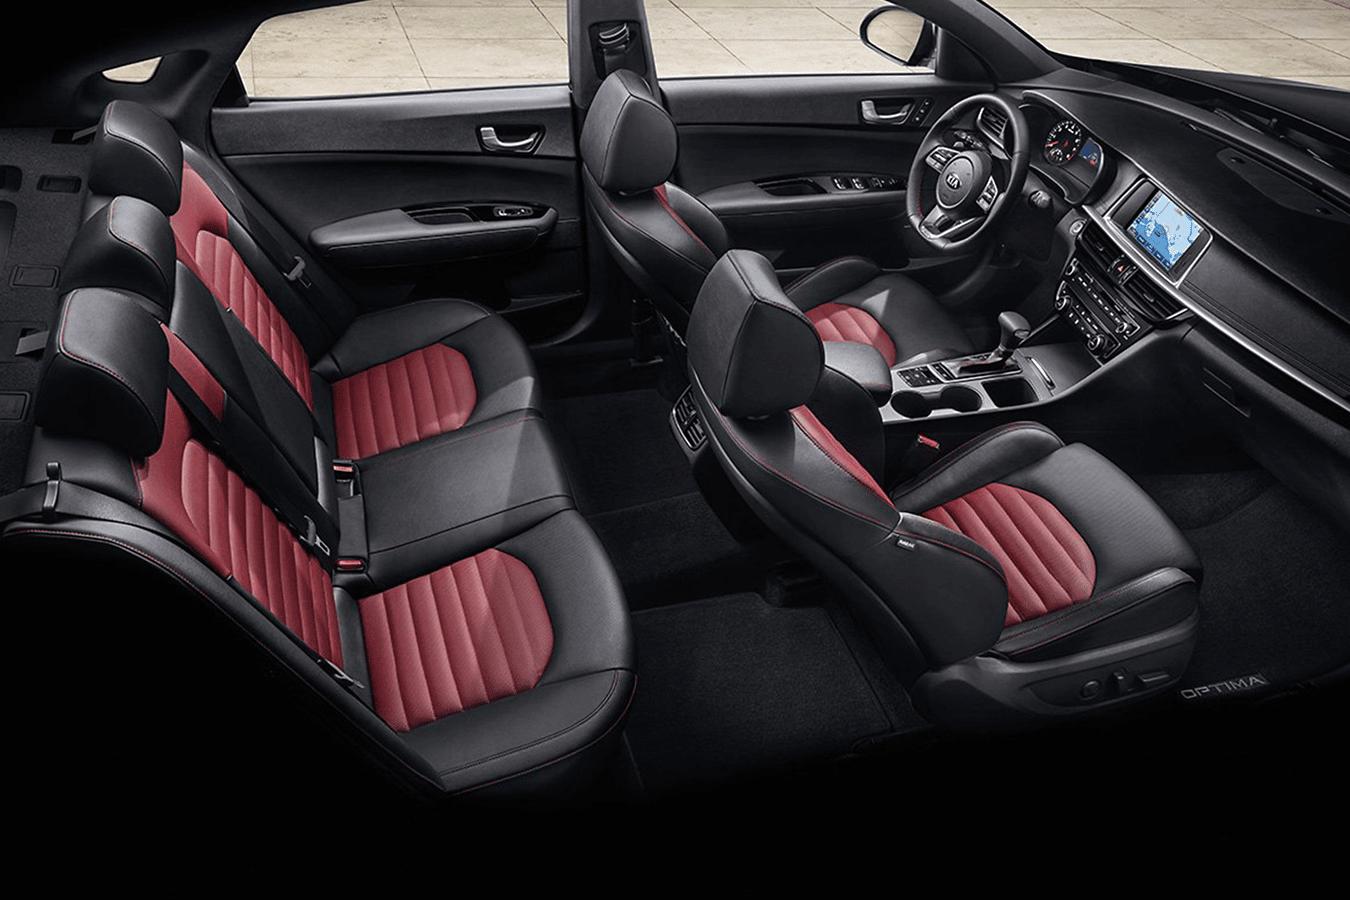 2019 Kia Optima interior in red and black leather